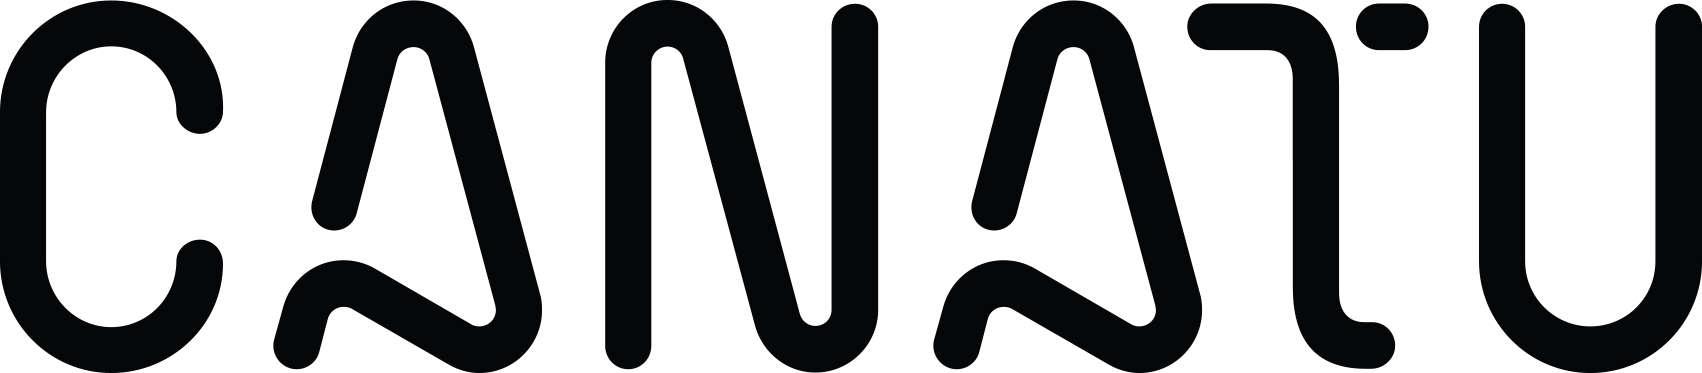 Canatu Logo